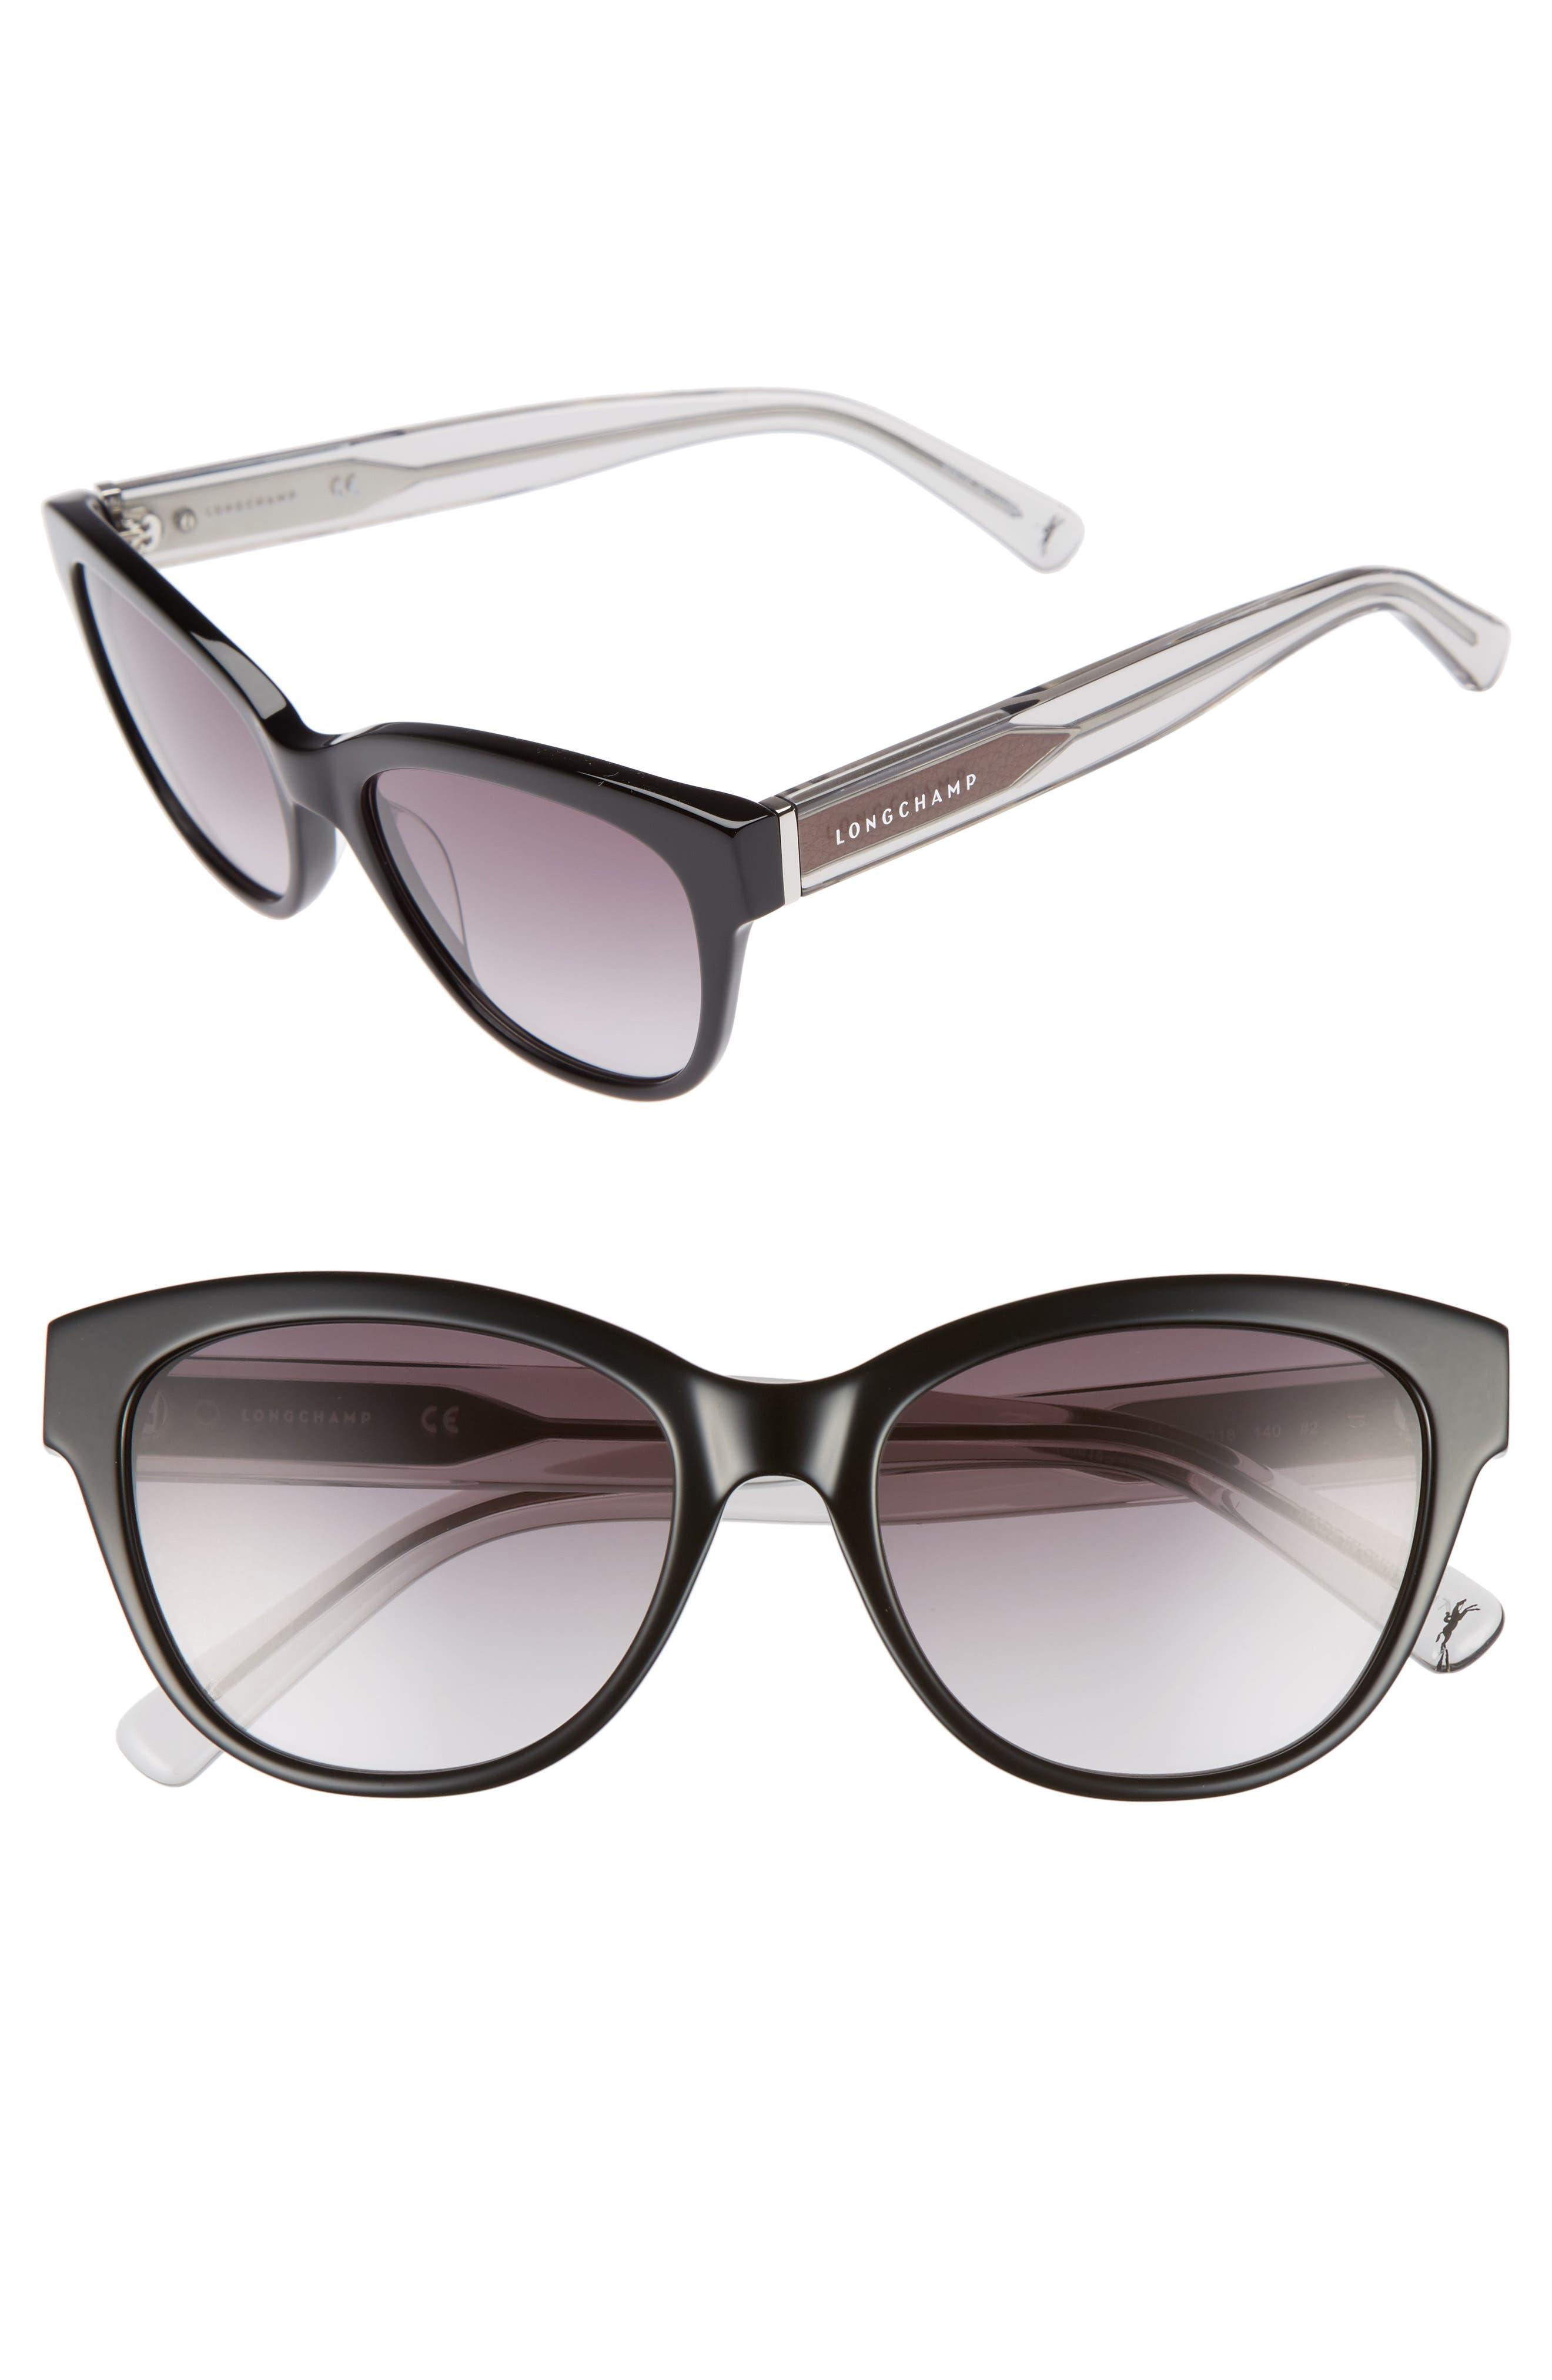 4b8392d75d Shop Longchamp 54Mm Gradient Lens Sunglasses - Black